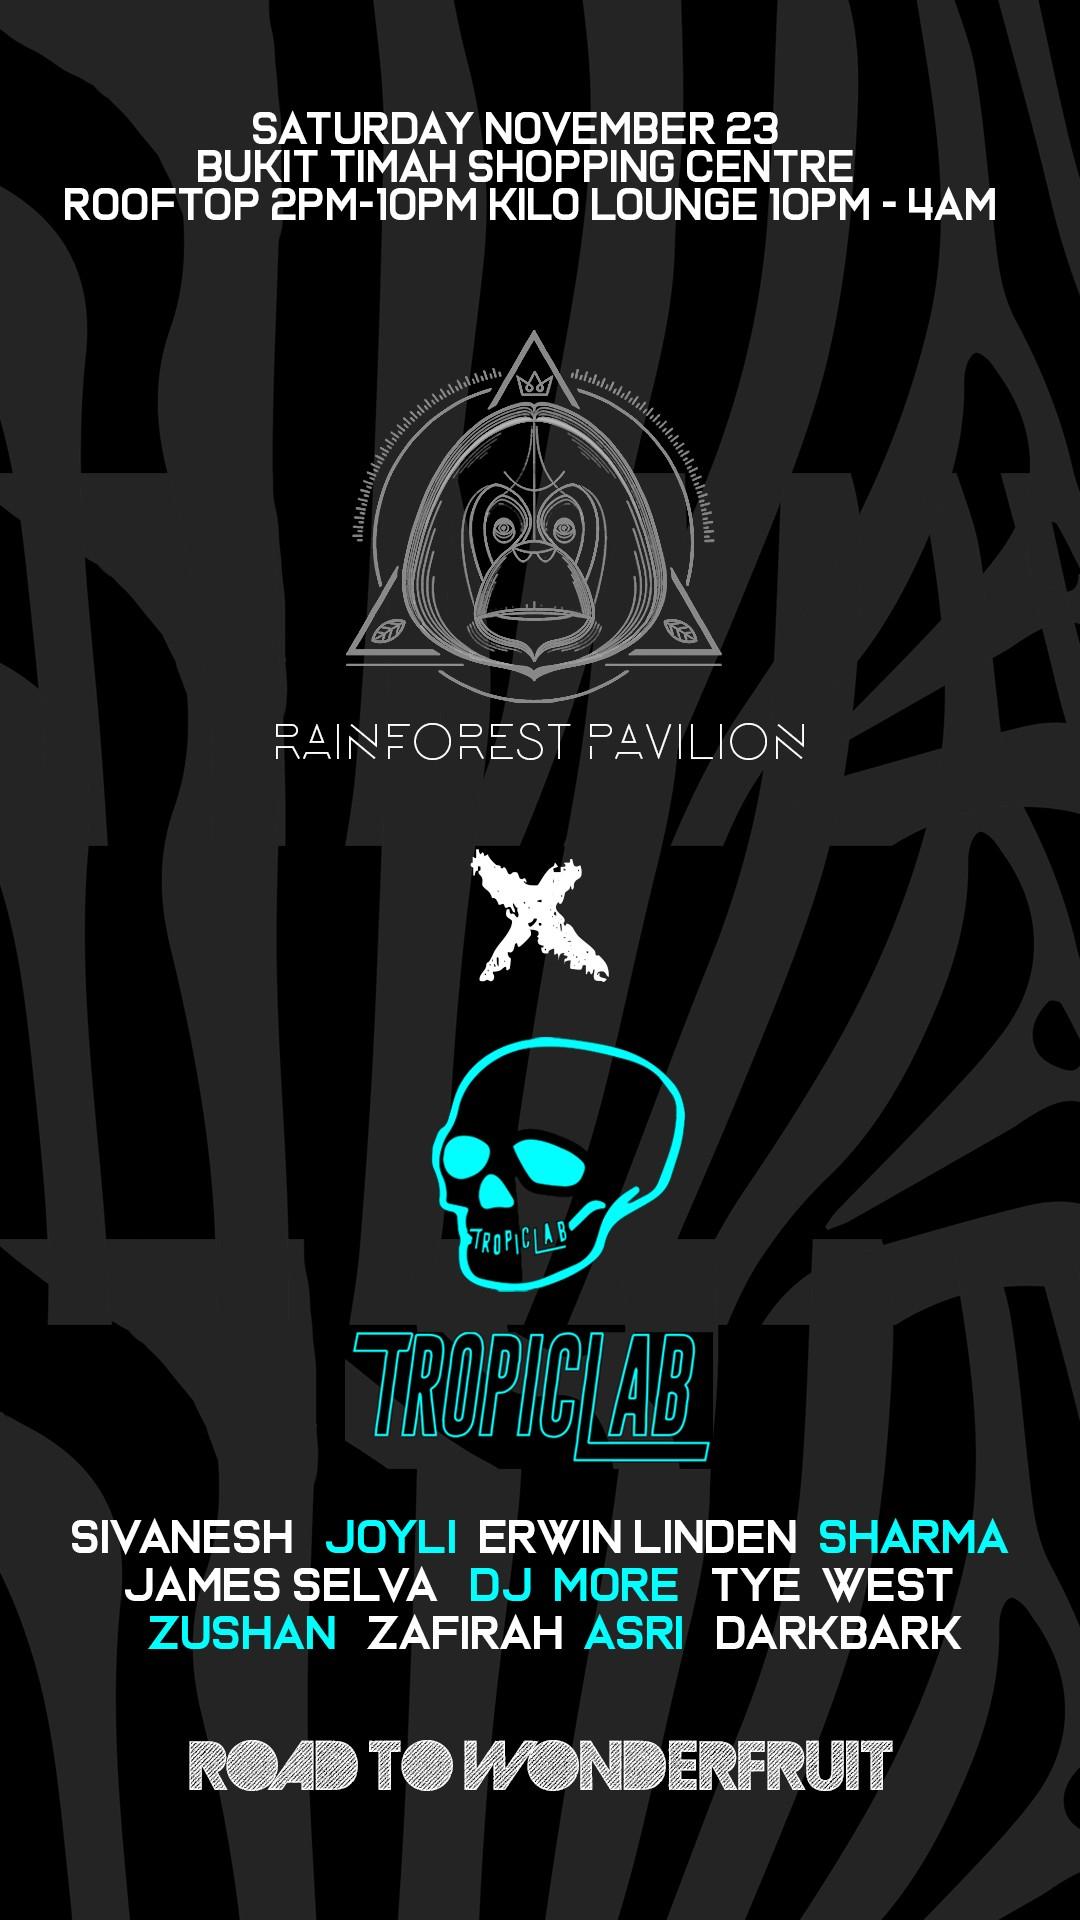 TropicLab X Rainforest Pavilion - Road to Wonderfruit